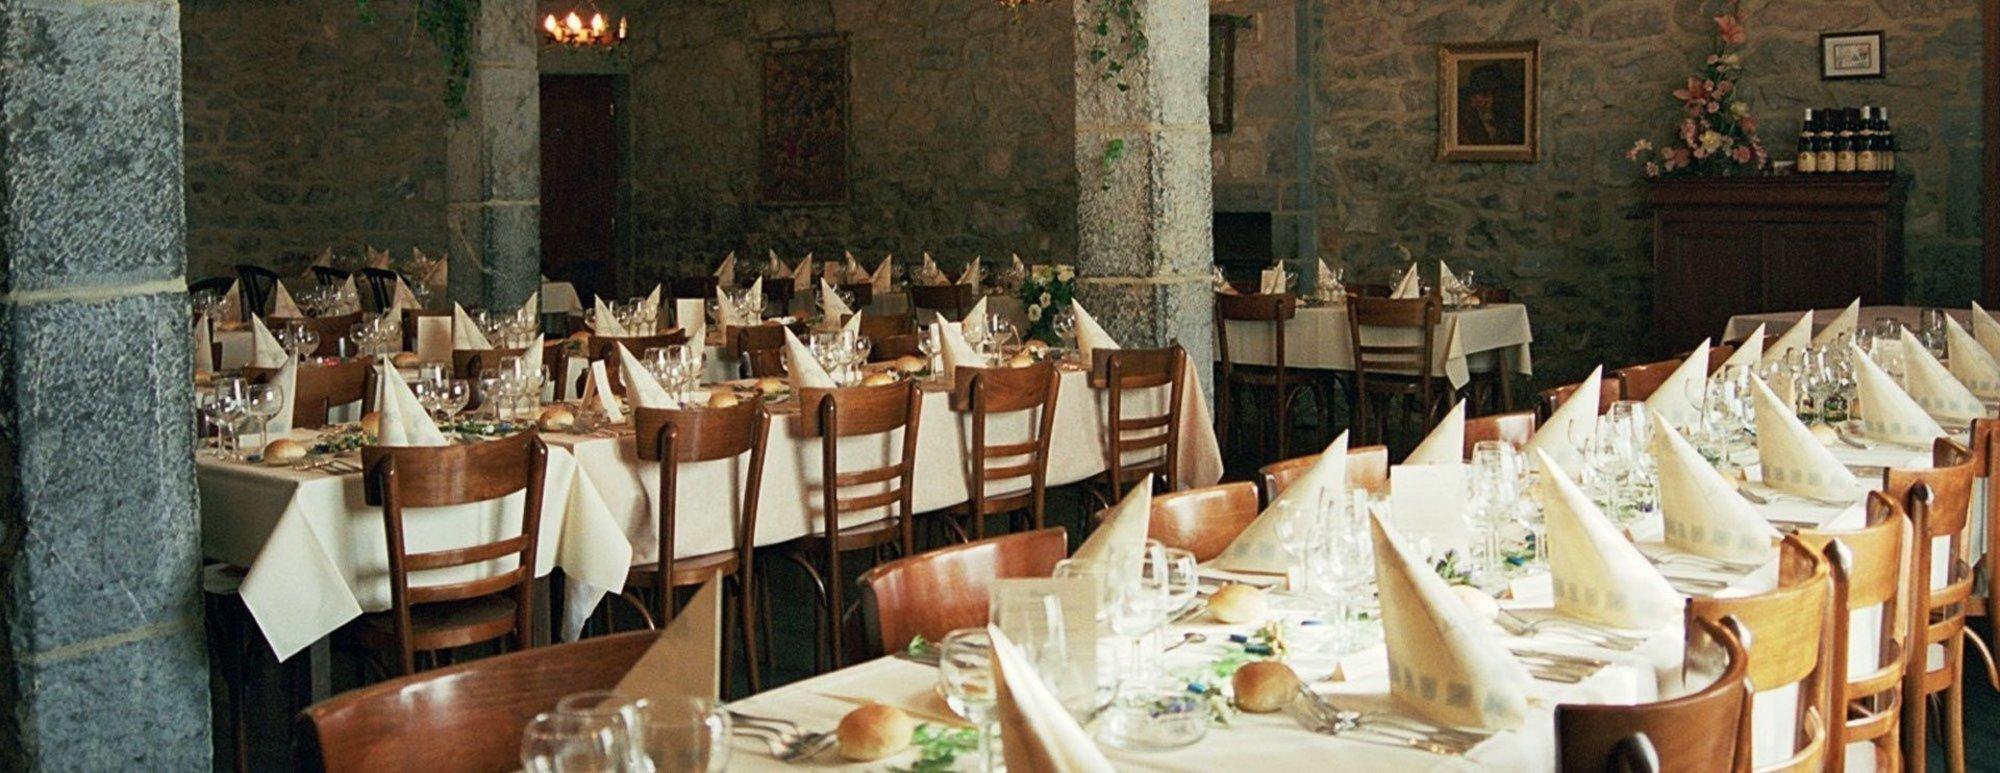 La Vieille Tour - Chambres d'hôtes et location de salle de banquet